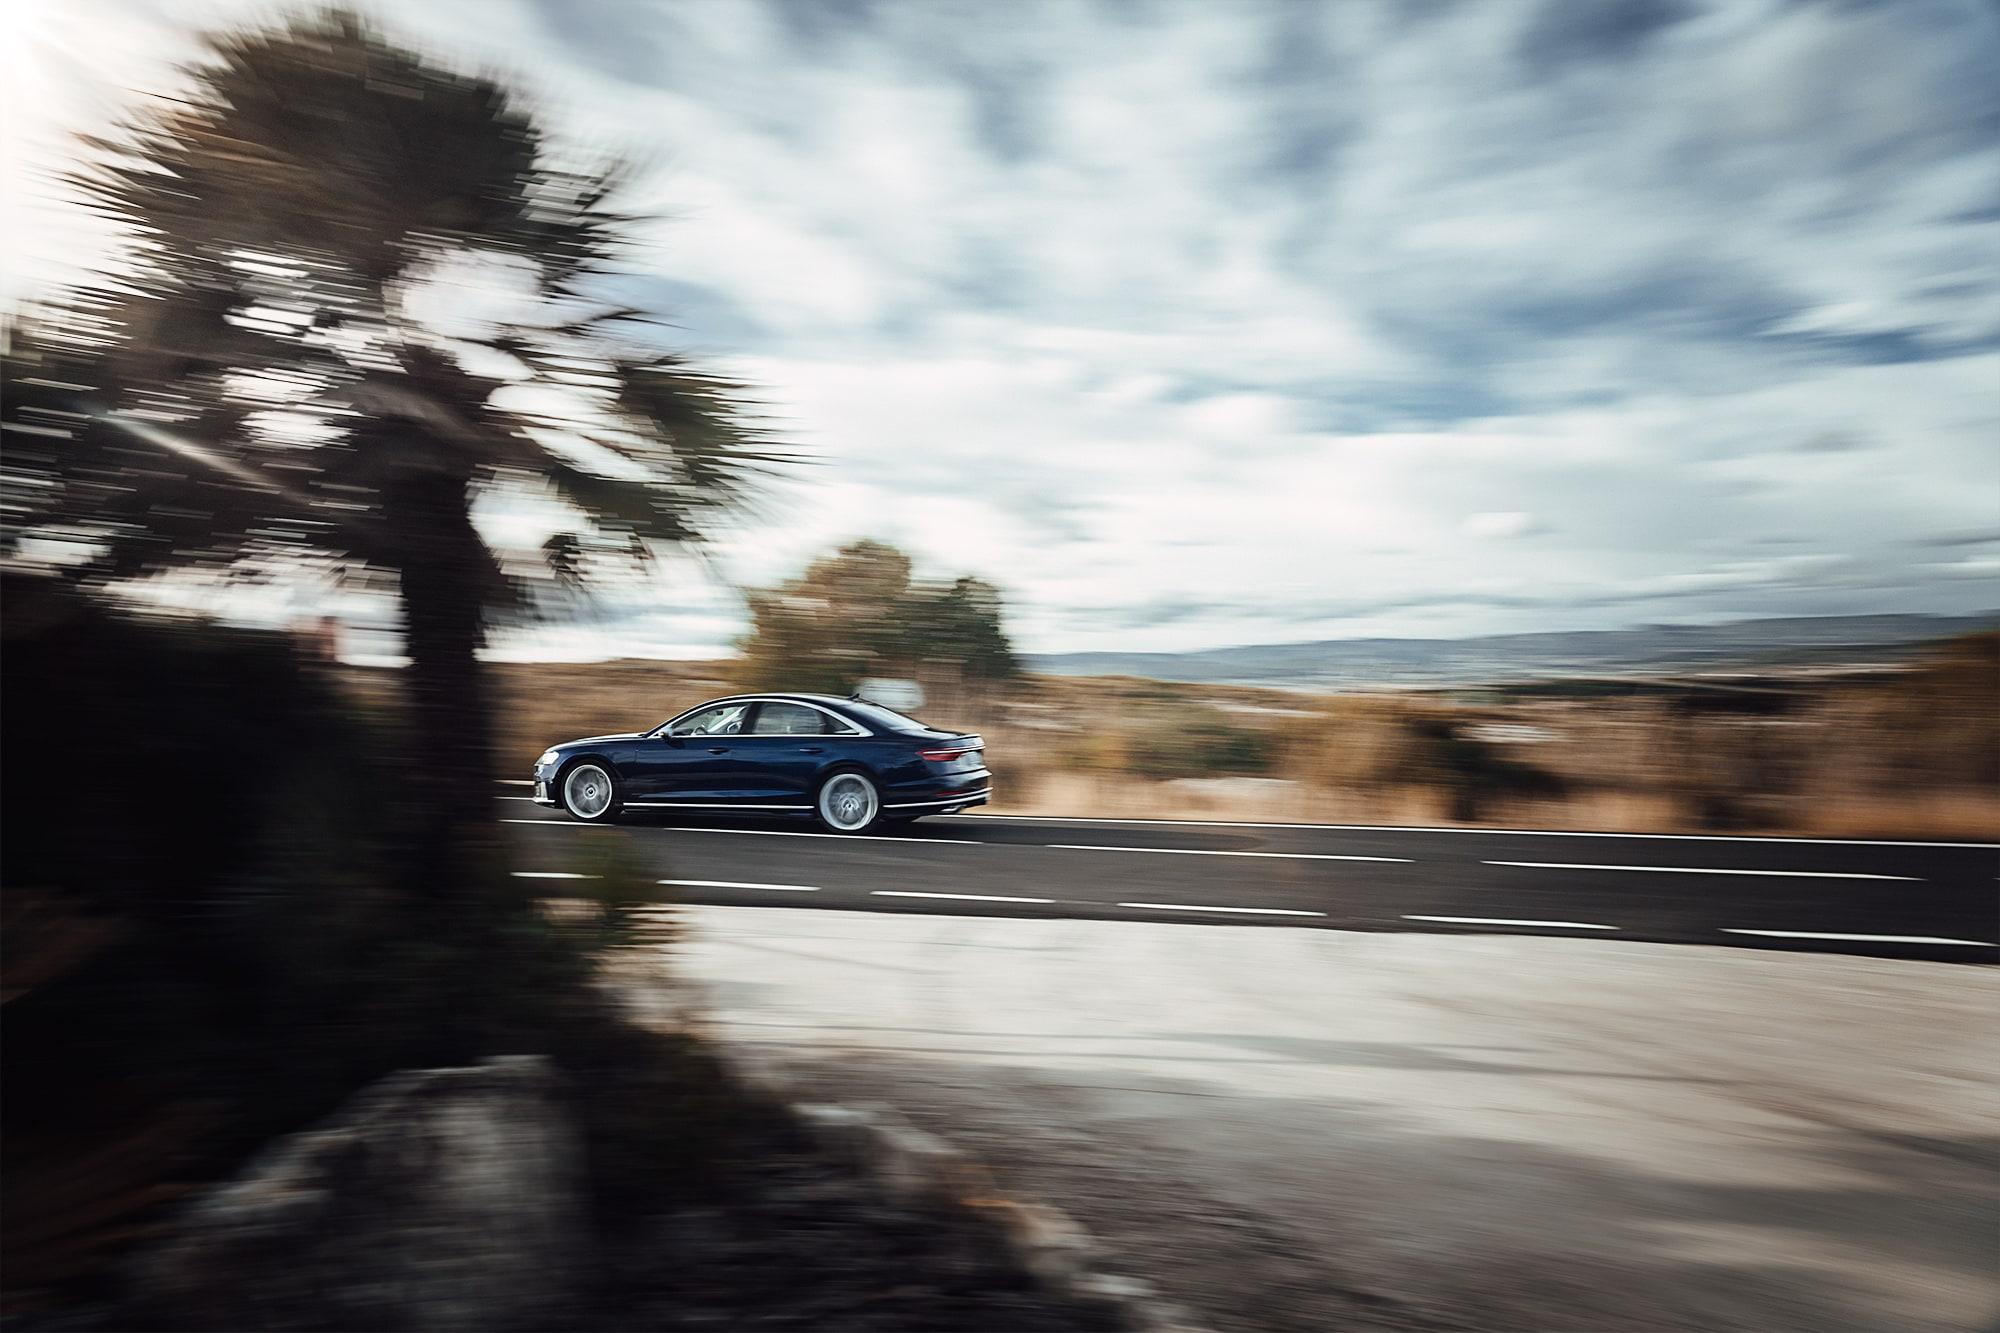 Der neue Audi S8: Komfort und Leistung auf die Spitze getrieben 16